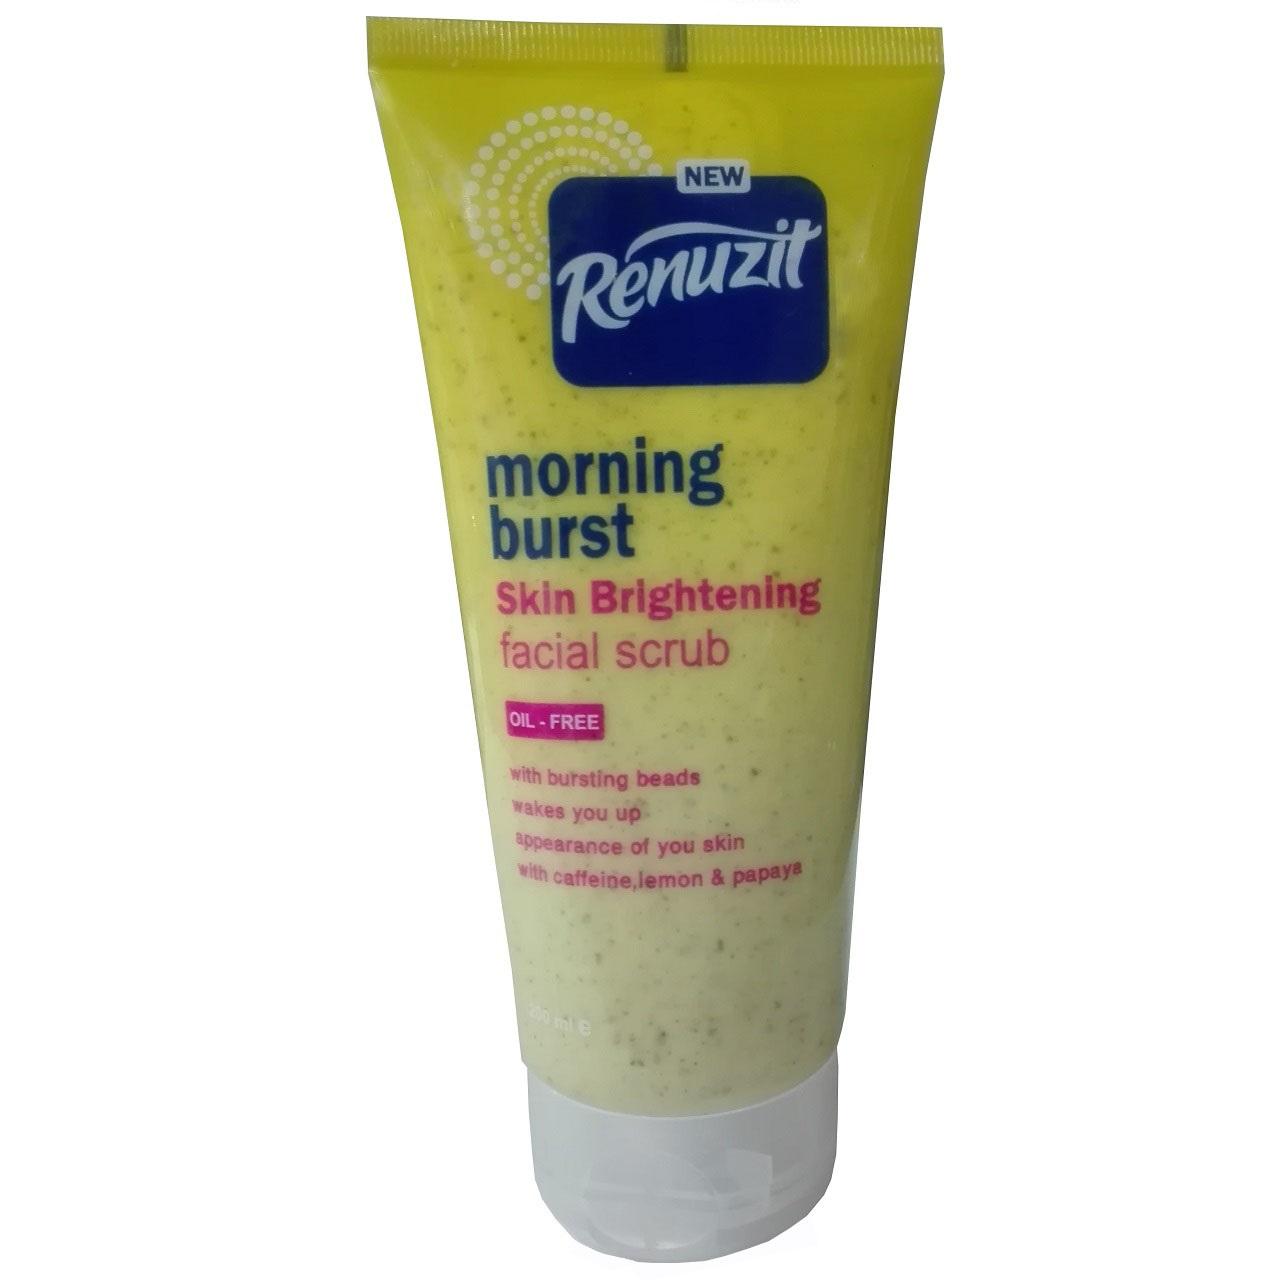 اسکراب سفید کننده رینوزیت مدل morning burst حجم 200 میلی لیتر